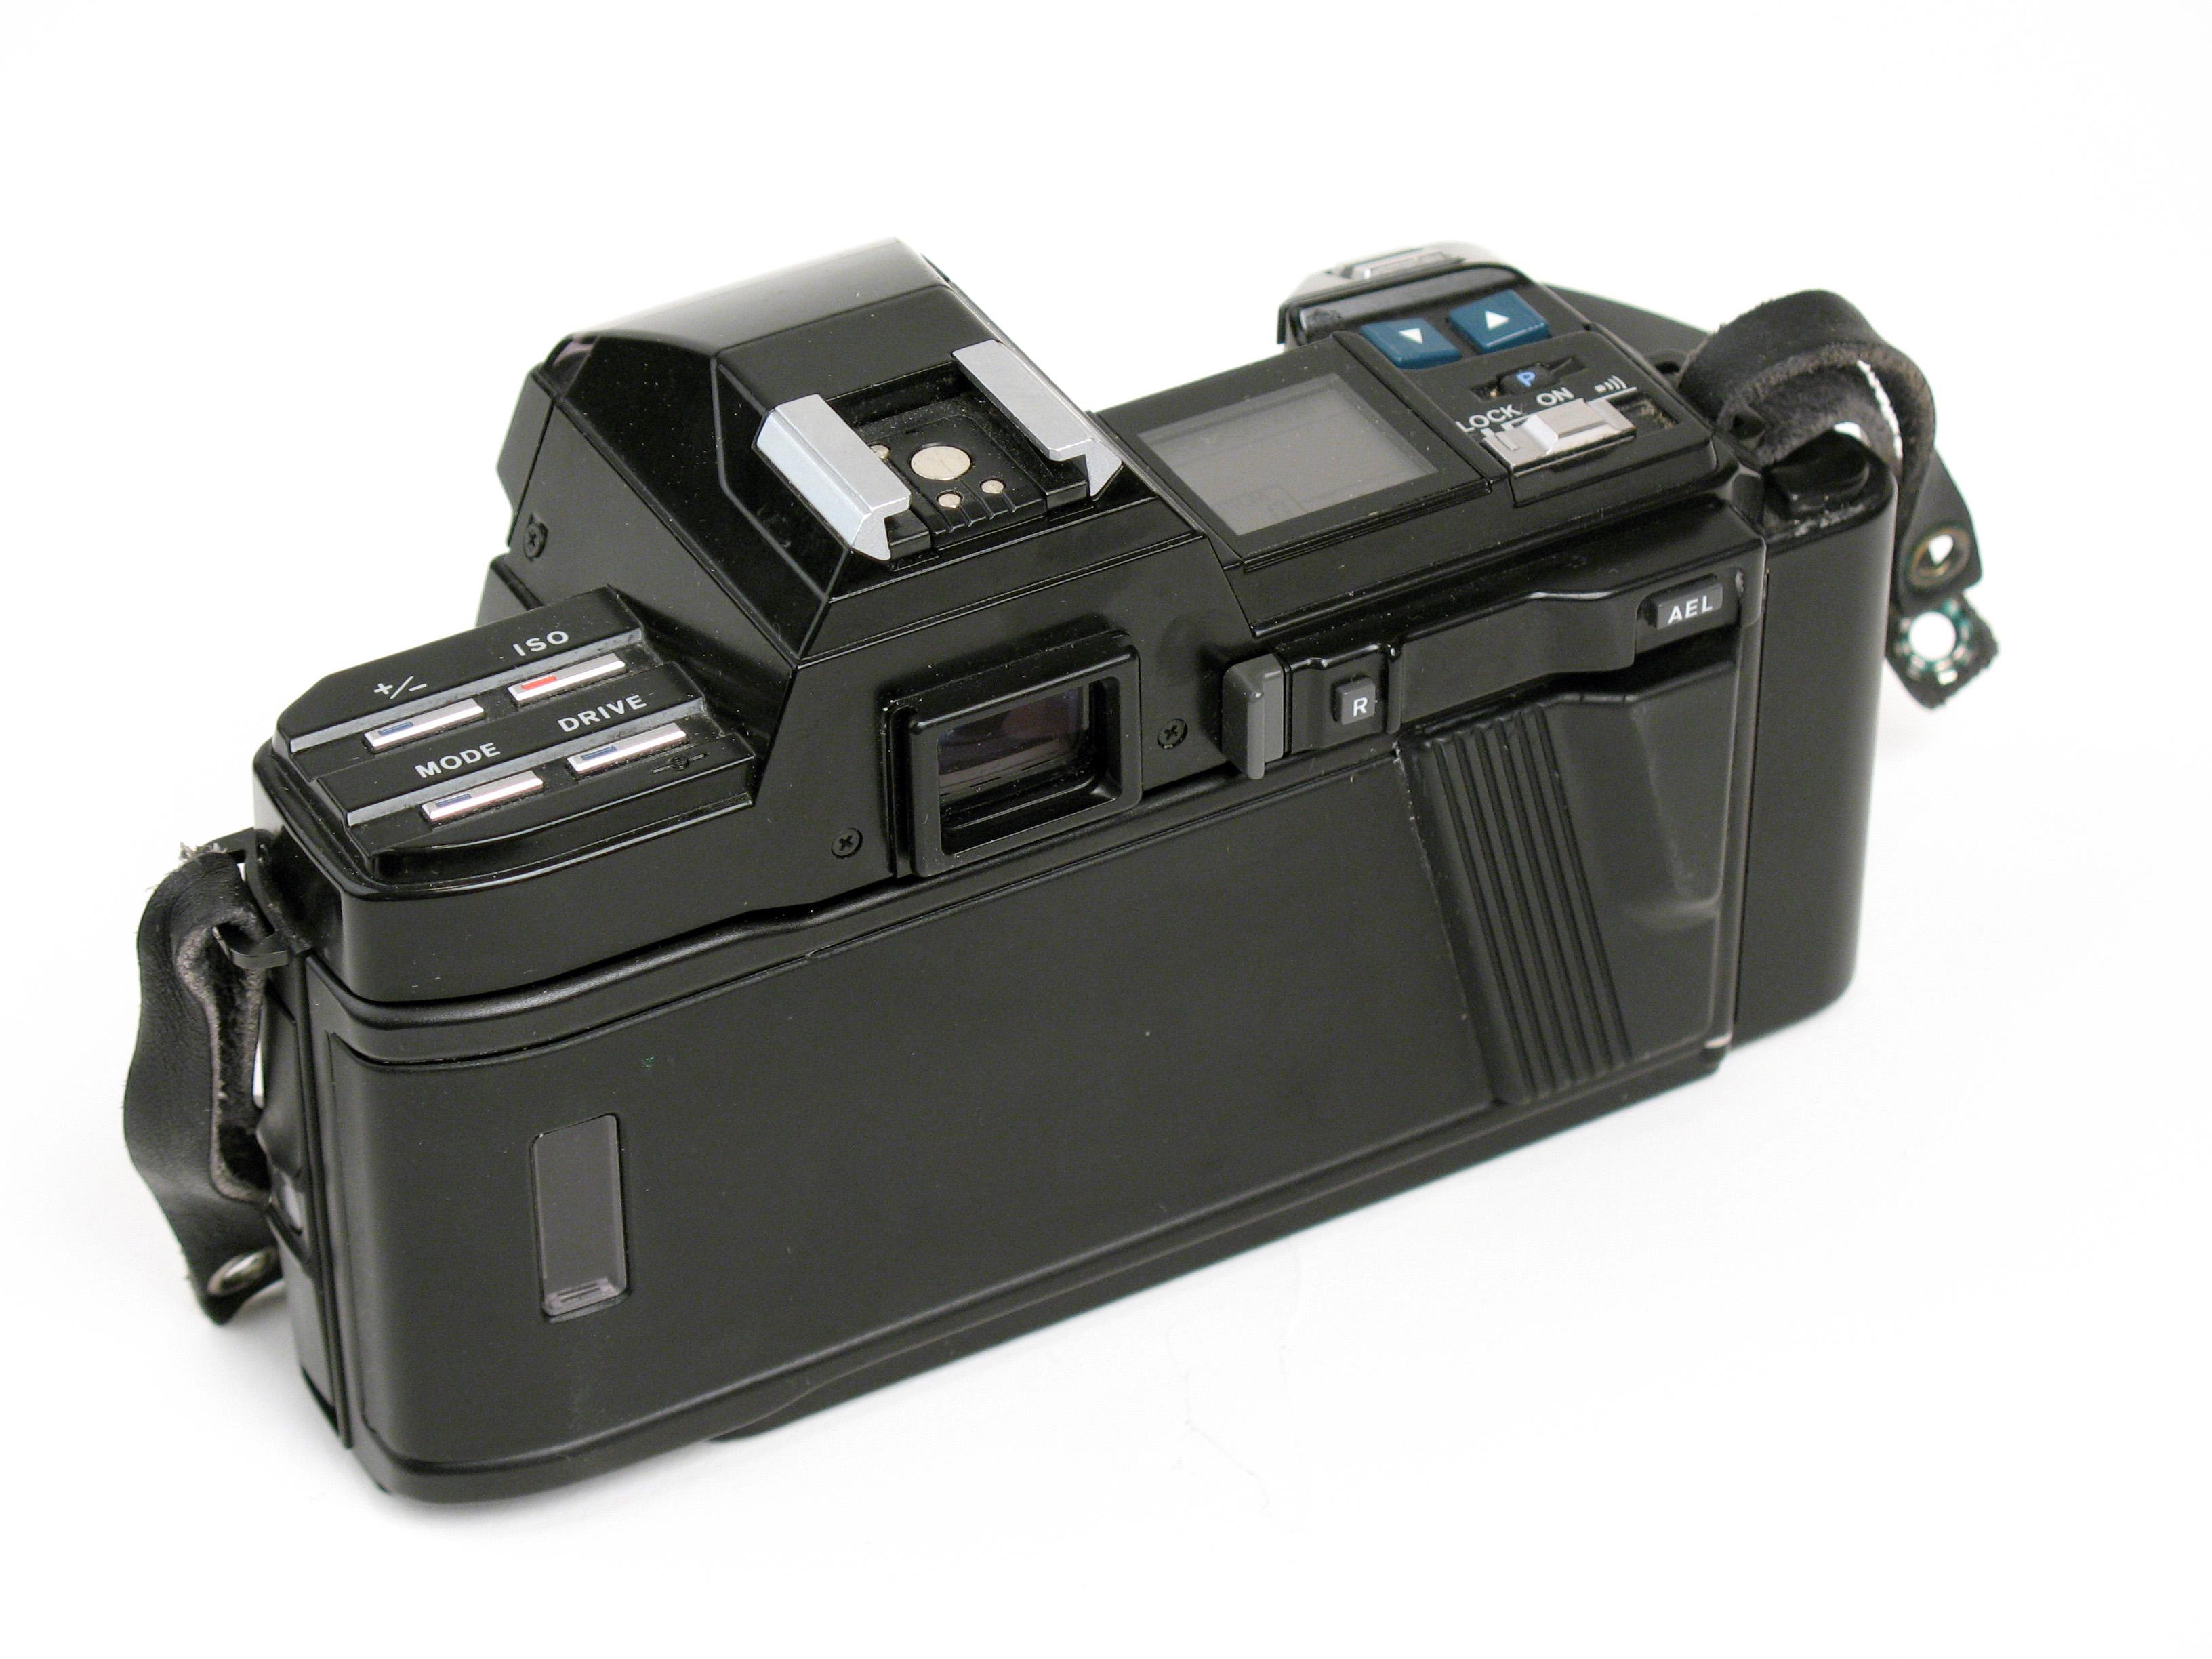 FileMinolta Maxxum 7000 35mm SLR Back